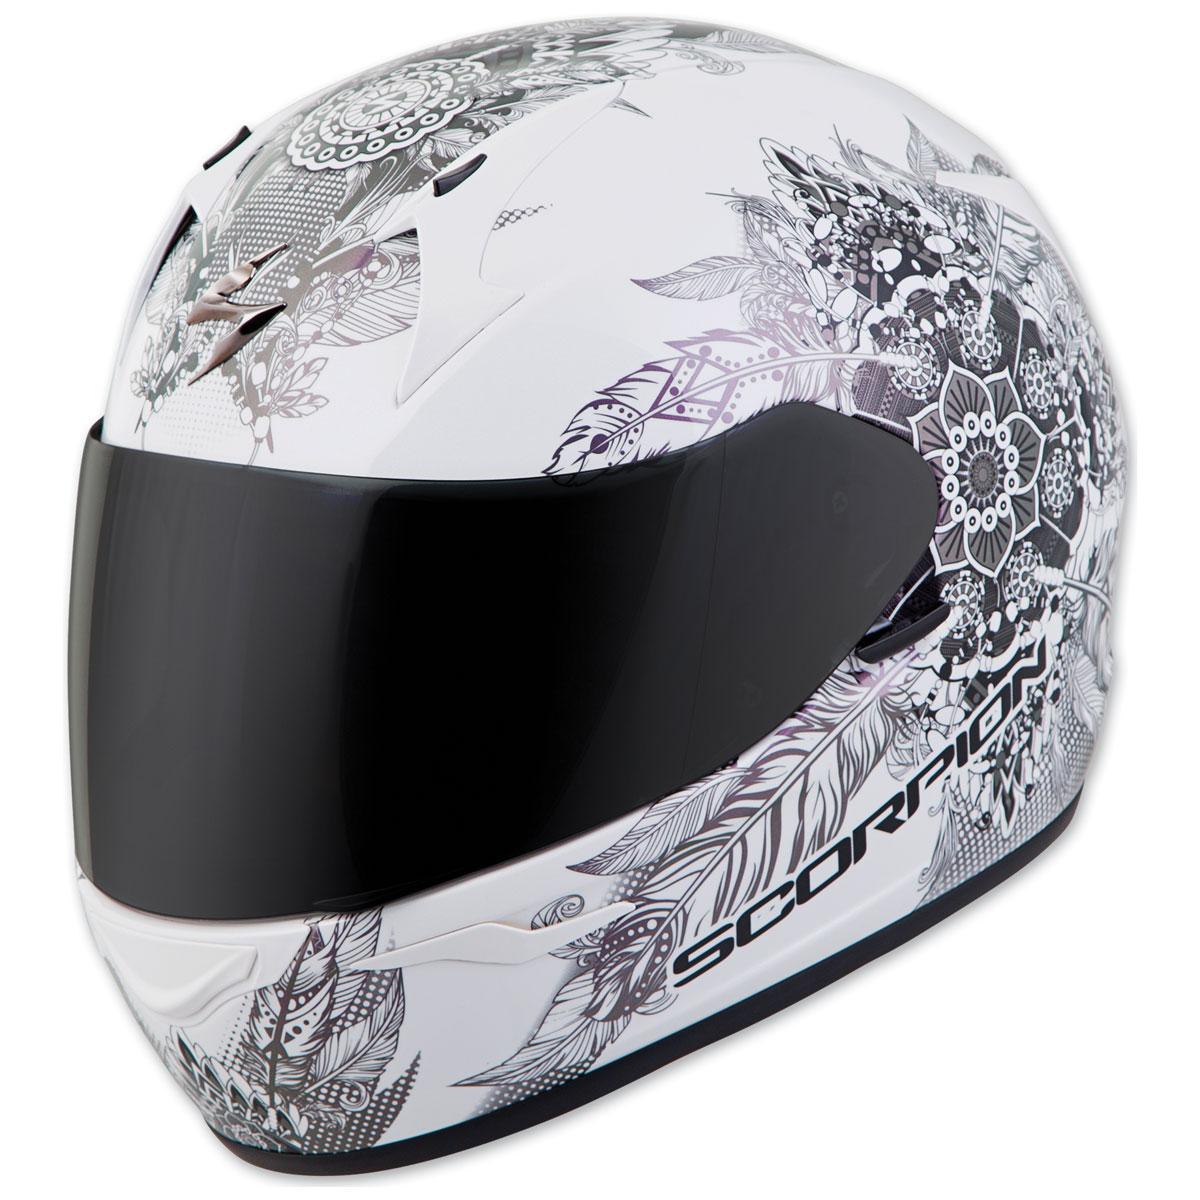 Scorpion EXO EXO-R320 Dream White Full Face Helmet